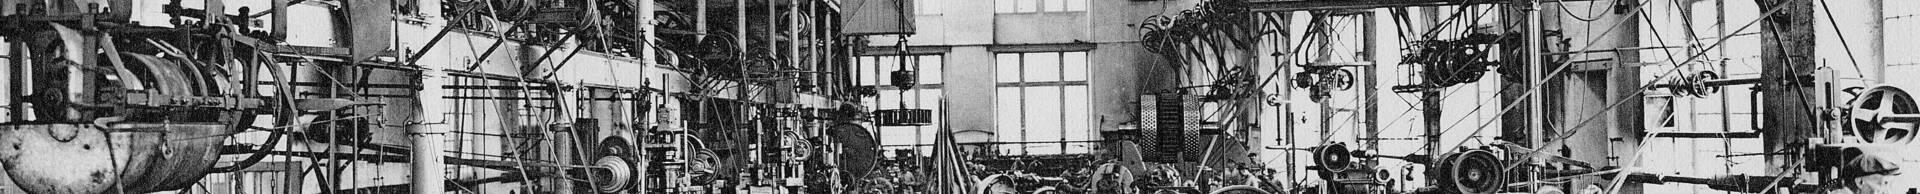 Les ateliers centraux de la mine à Montceau en 1927.  © CUCM, document Écomusée. Reproduction D. Busseuil.